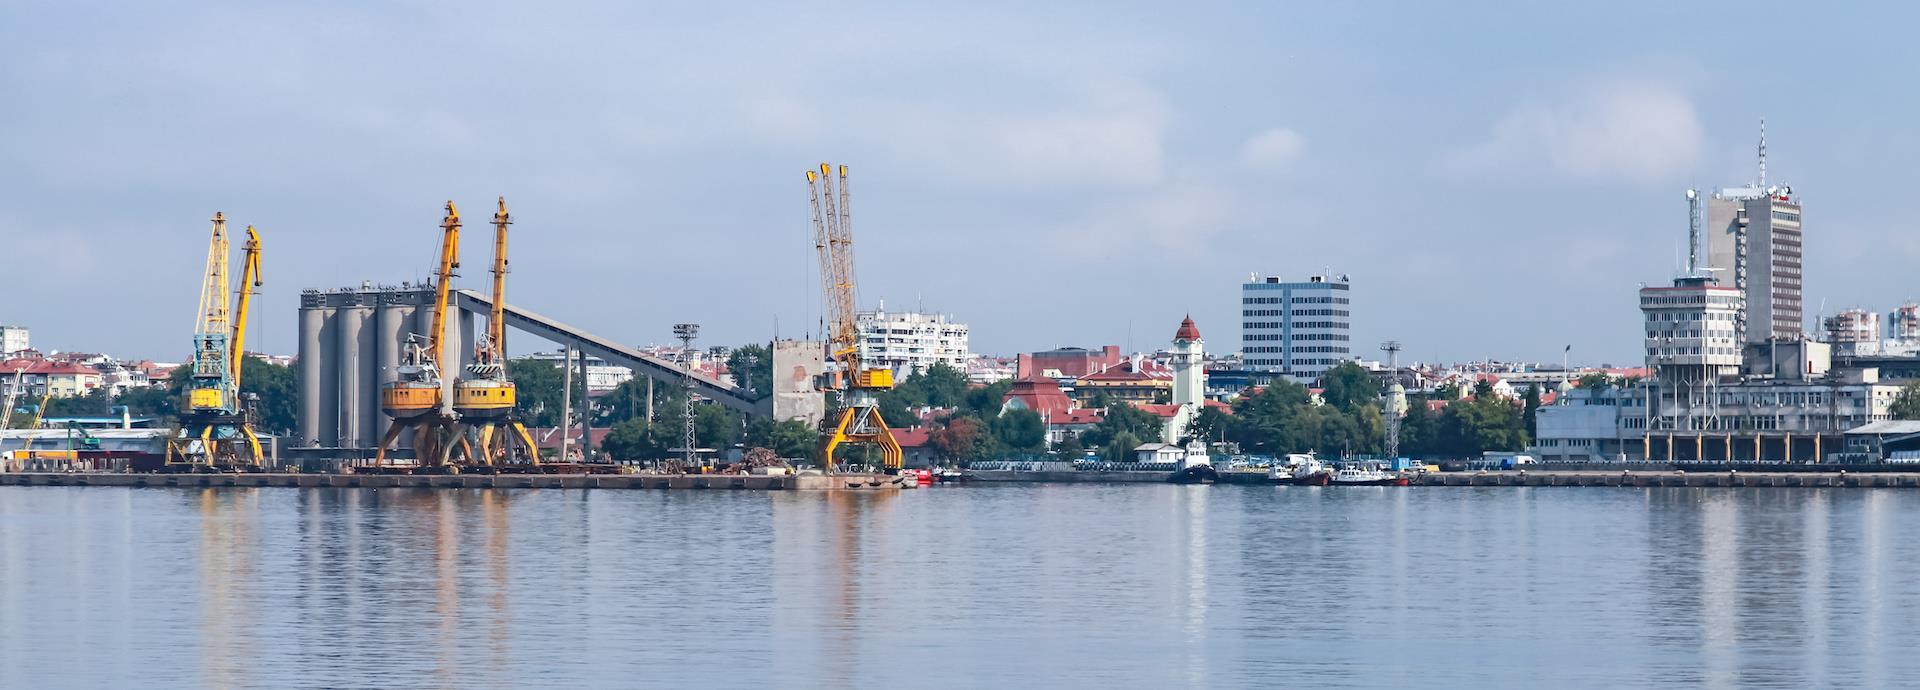 Port of Burgas,Bulgaria